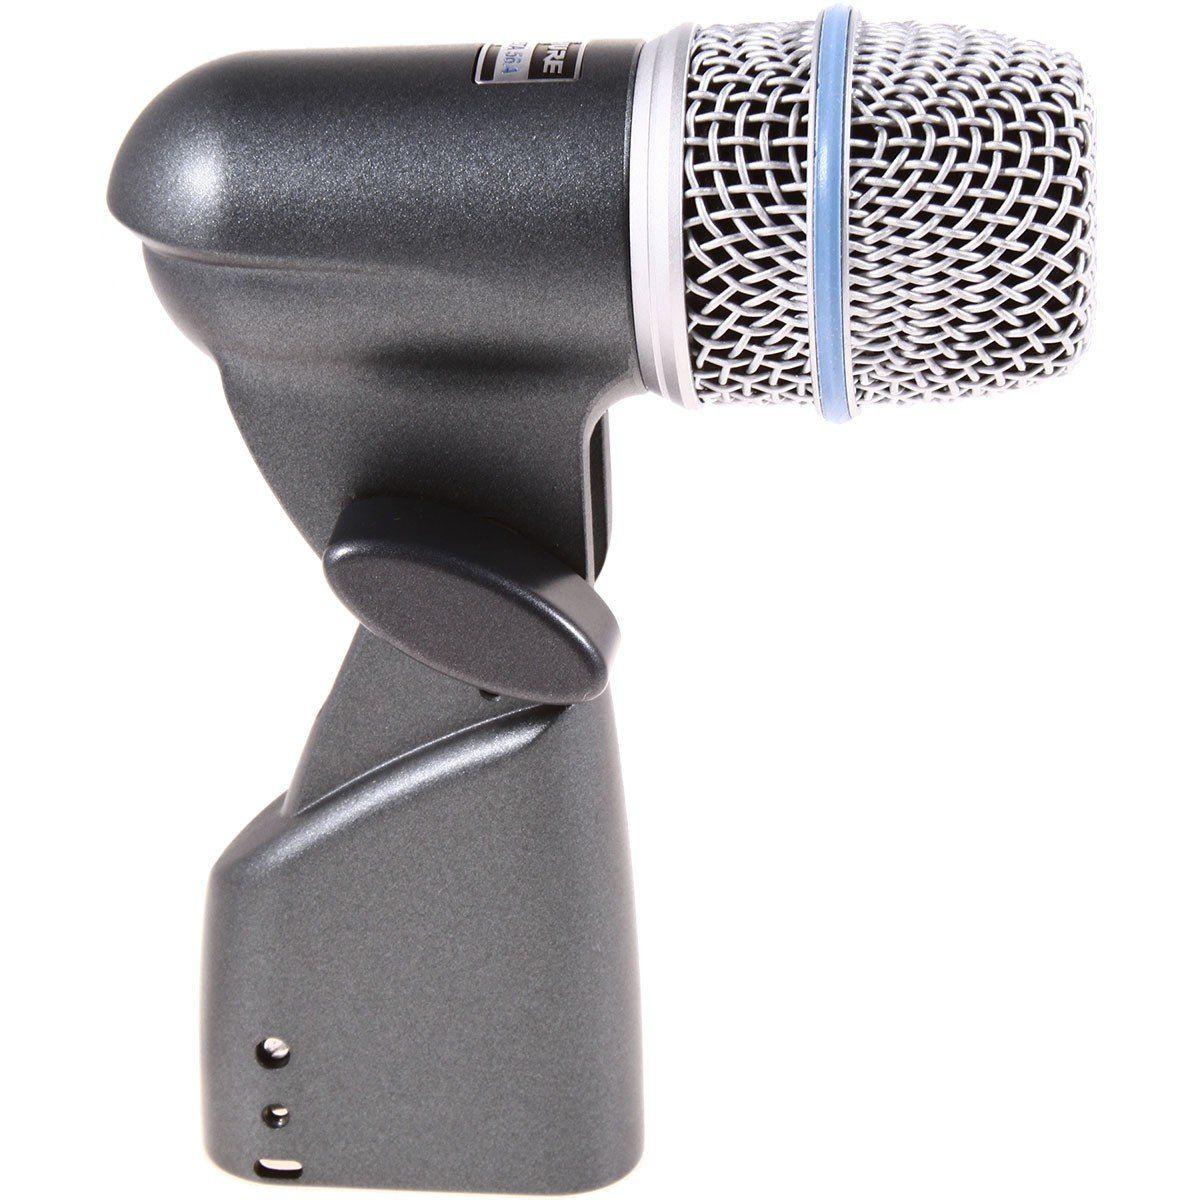 Shure Beta 56A Microfone Shure Beta 56 A para Instrumentos de Percussão